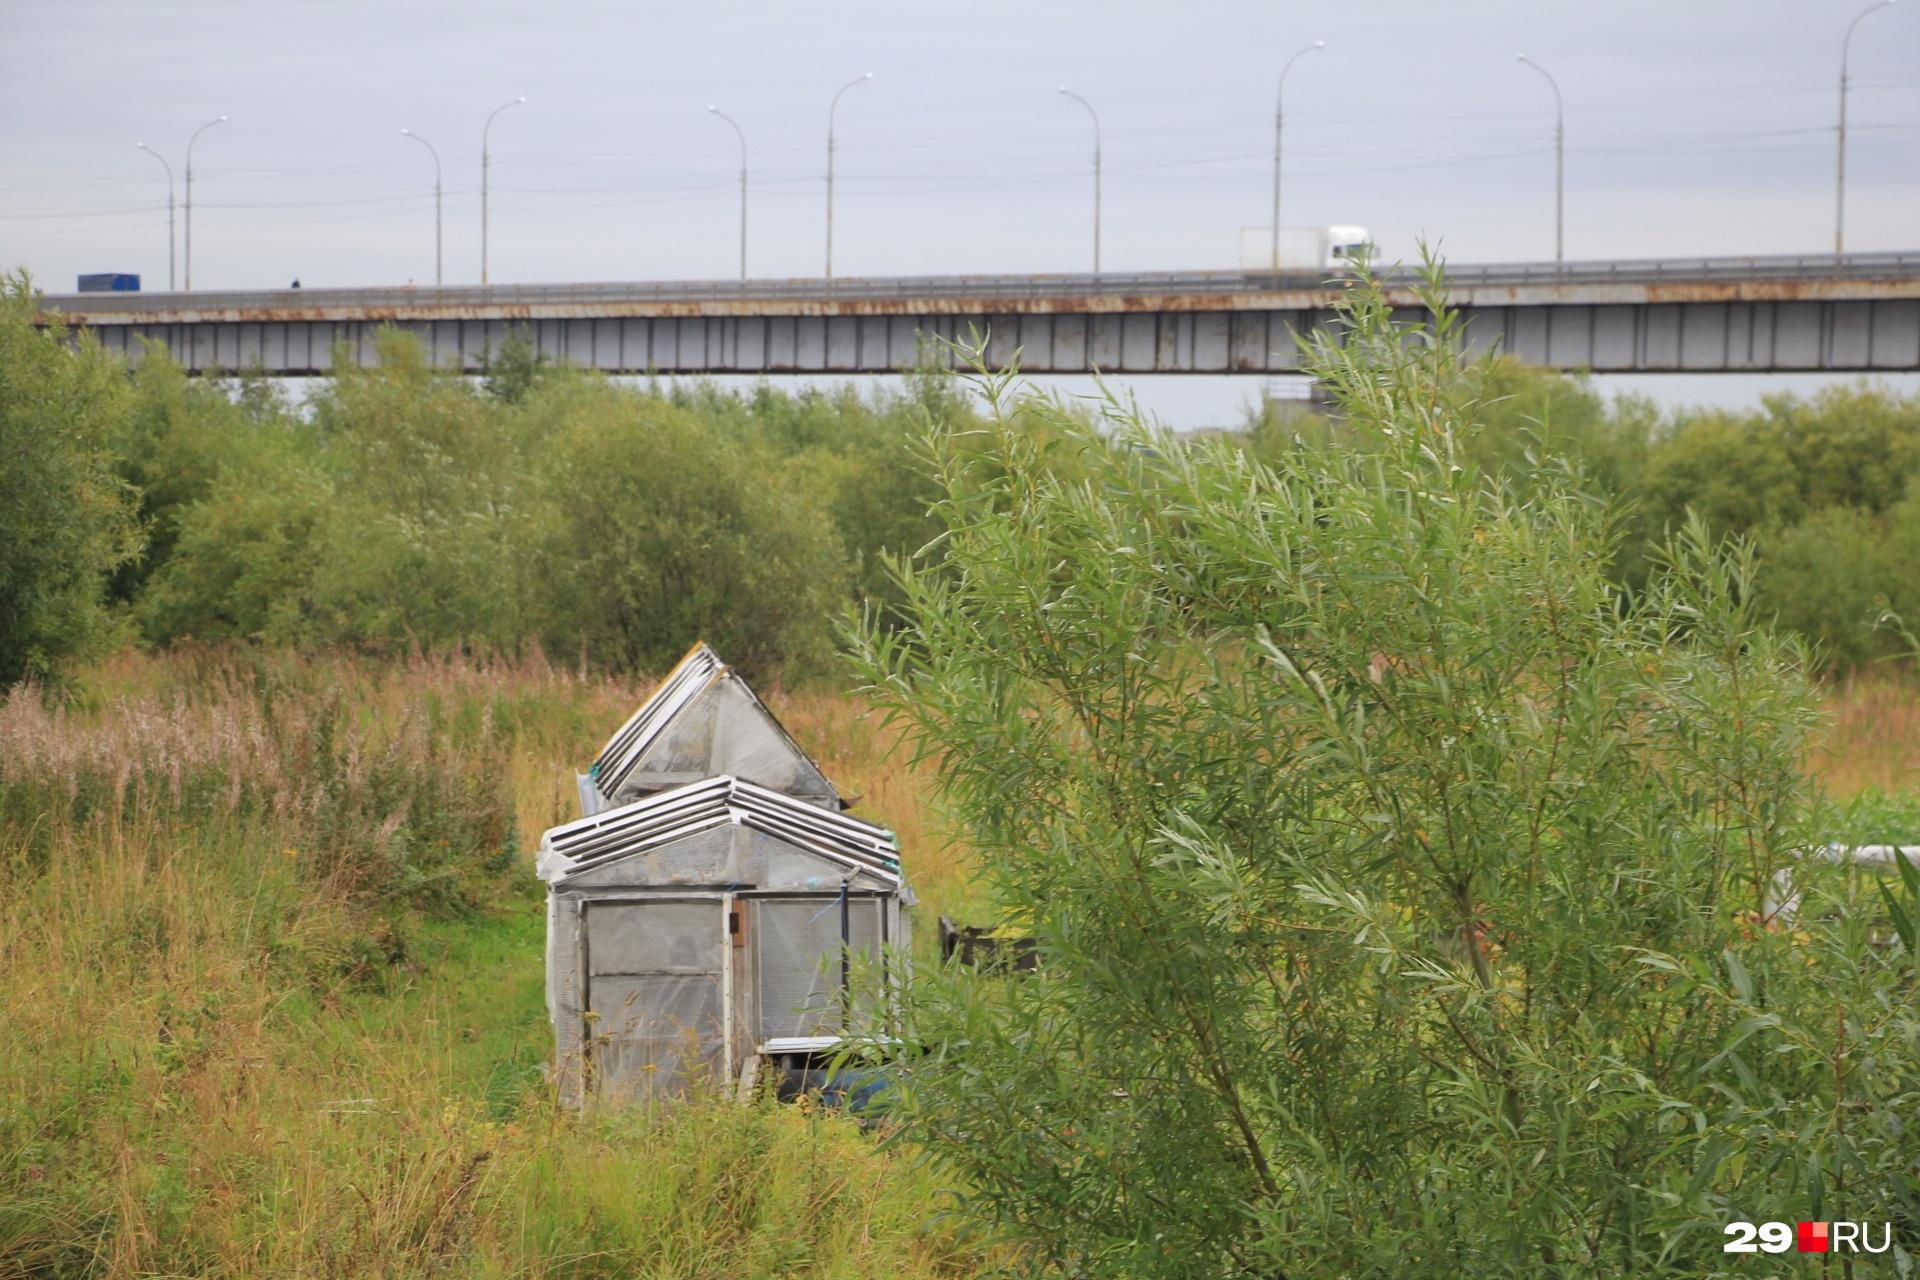 Мост для связи с Архангельском был построен в 1990 году